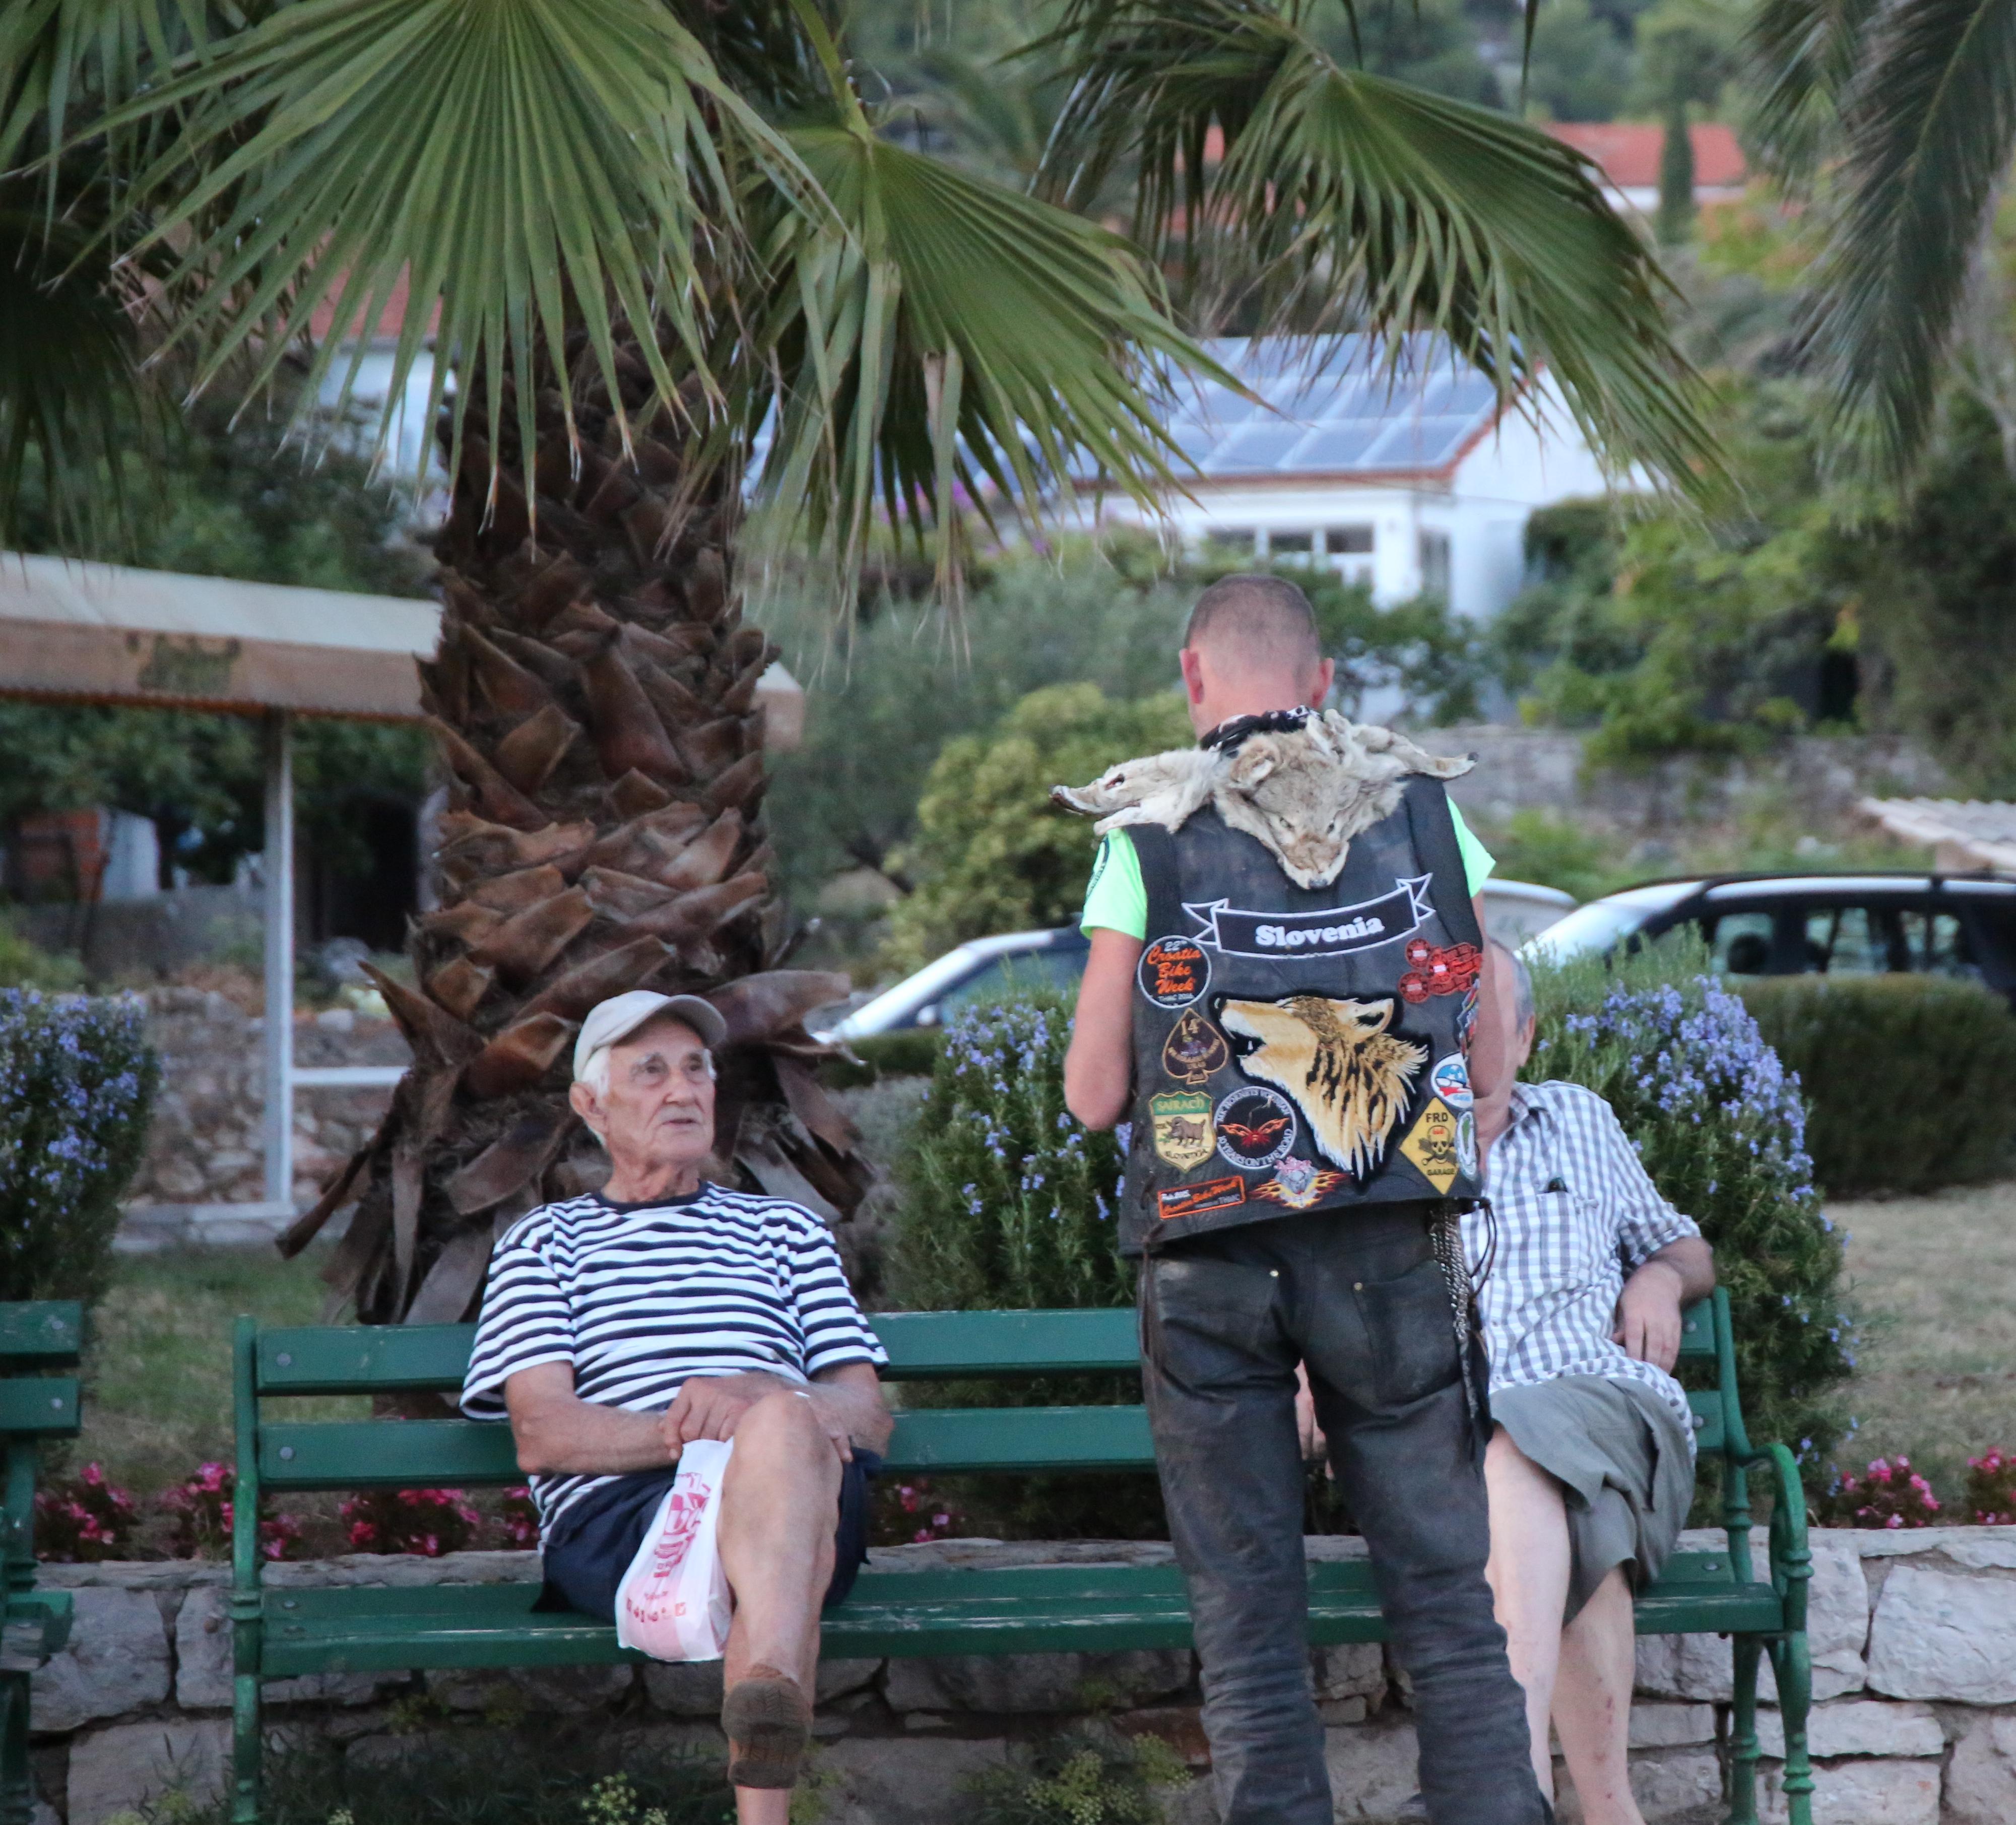 Stari Grad - Sun Riders